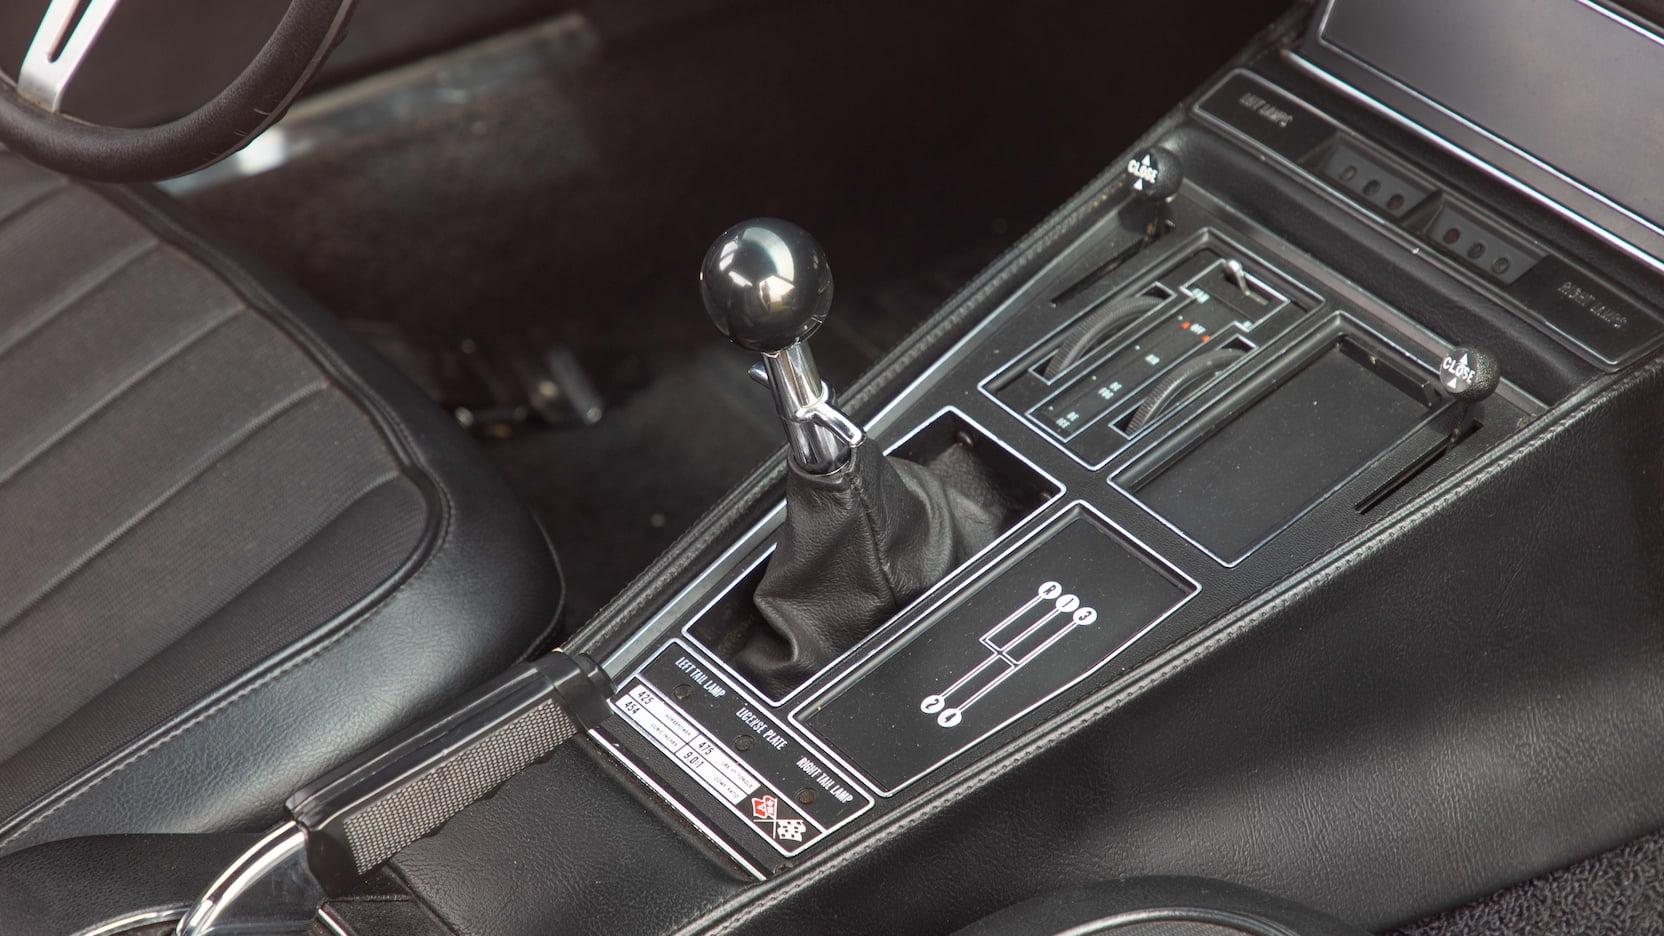 1971 Chevrolet Corvette ZR2 shifter knob